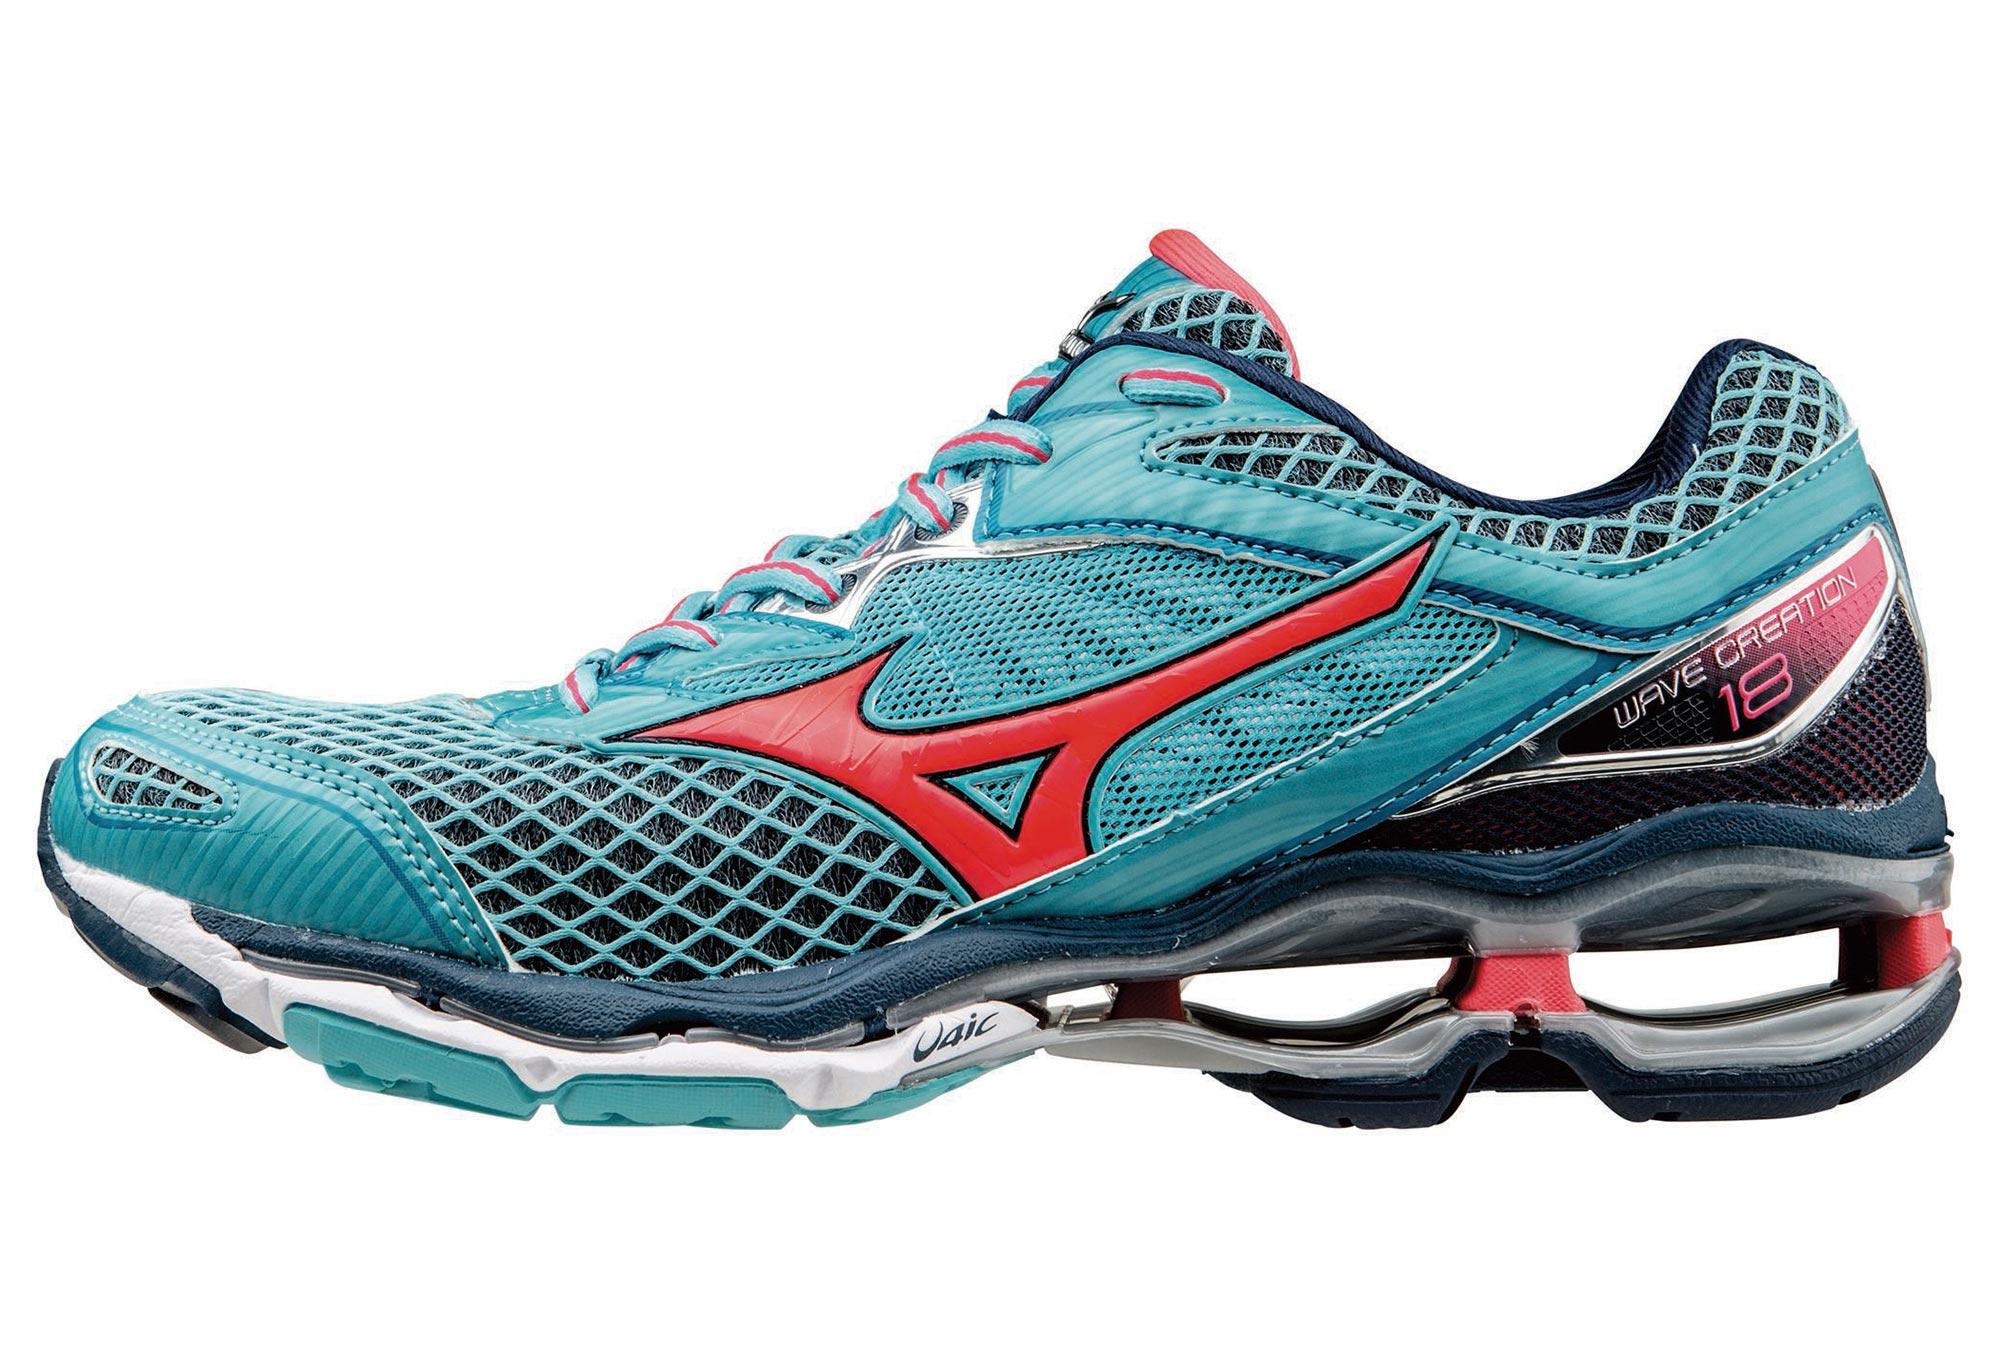 on sale 267a2 f2a35 Chaussures de Running Femme Mizuno WAVE CREATION 18 Bleu